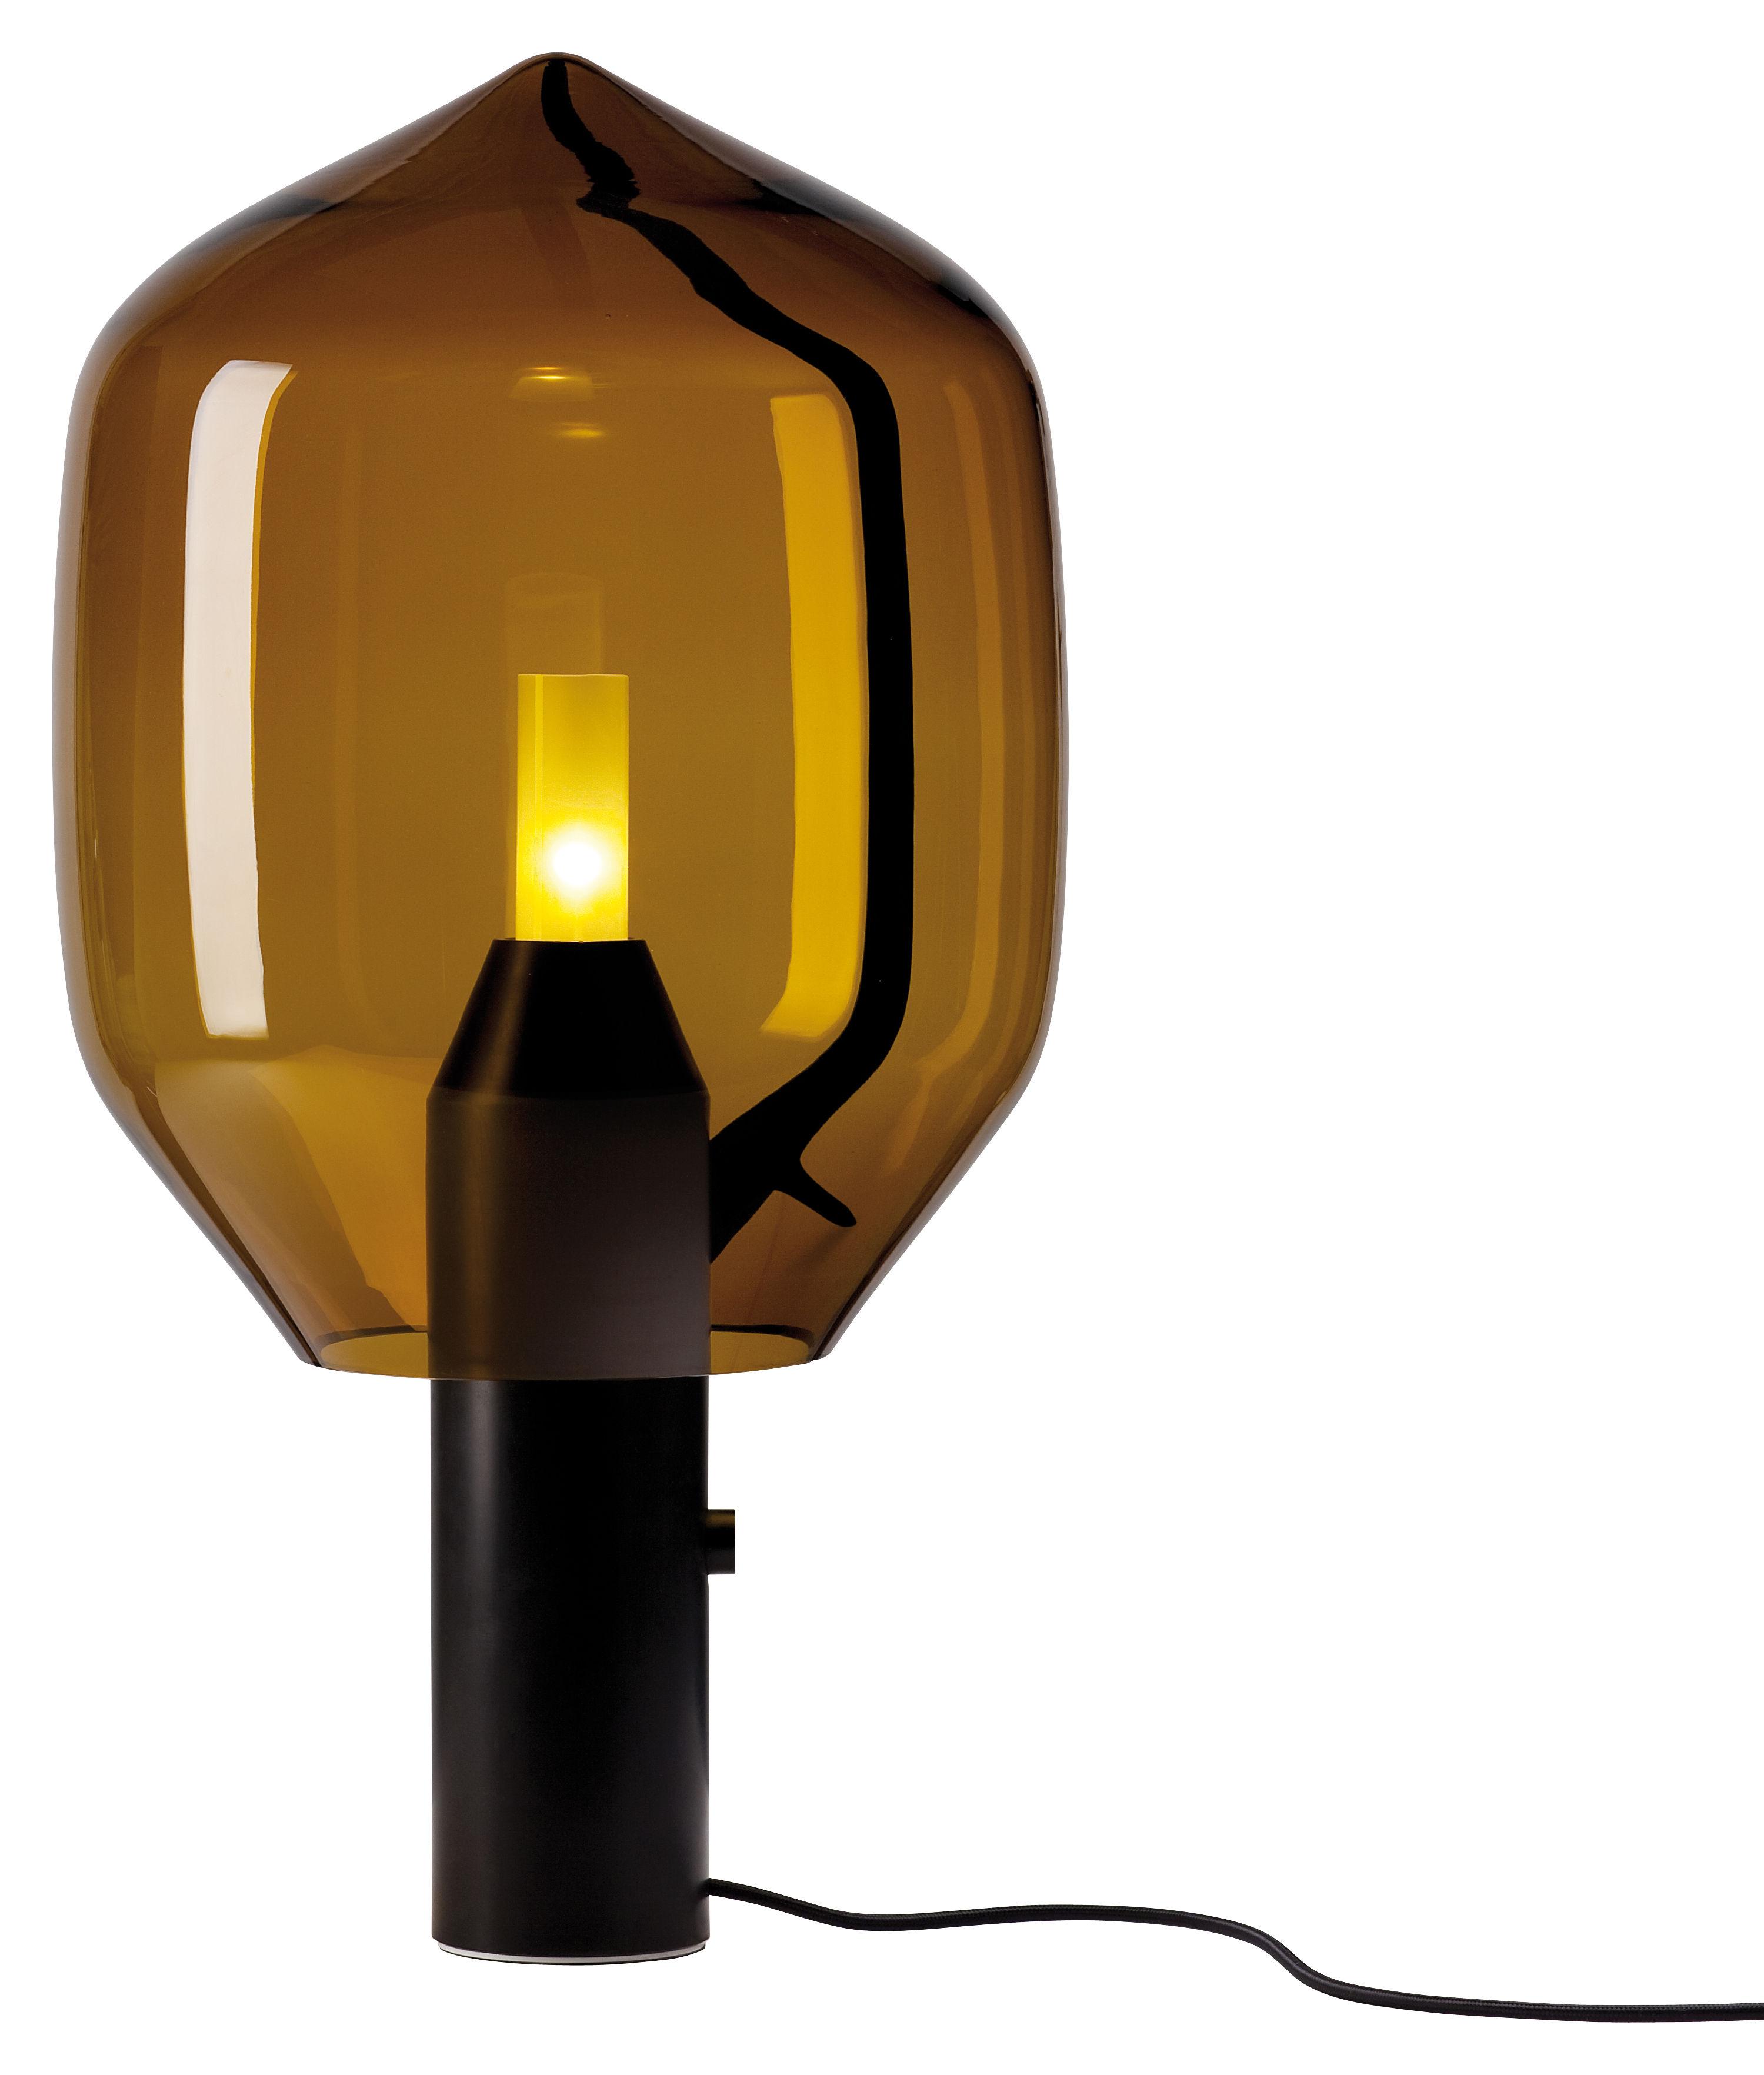 Leuchten - Tischleuchten - Lighthouse Tischleuchte H 69,5 cm - Established & Sons - Diffusor aus bernsteinfarbenem Glas / Sockel aus schwarzem Marmor - eloxiertes Aluminium, Marbre Marquina, mundgeblasenes Glas